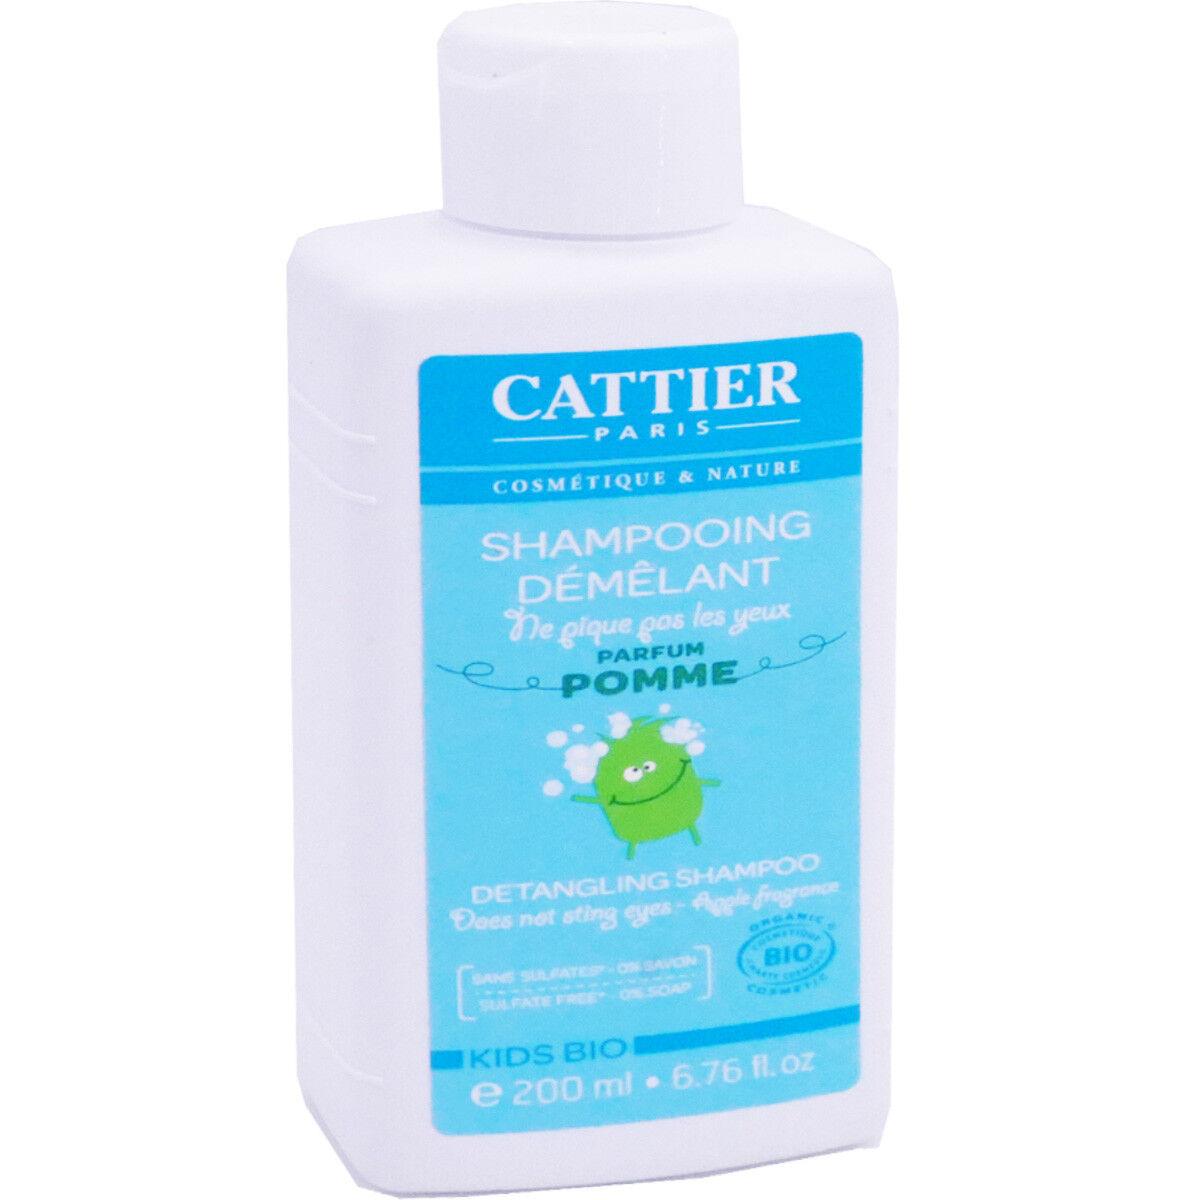 Cattier shampooing dÉmÊlant parfum pomme 200 ml